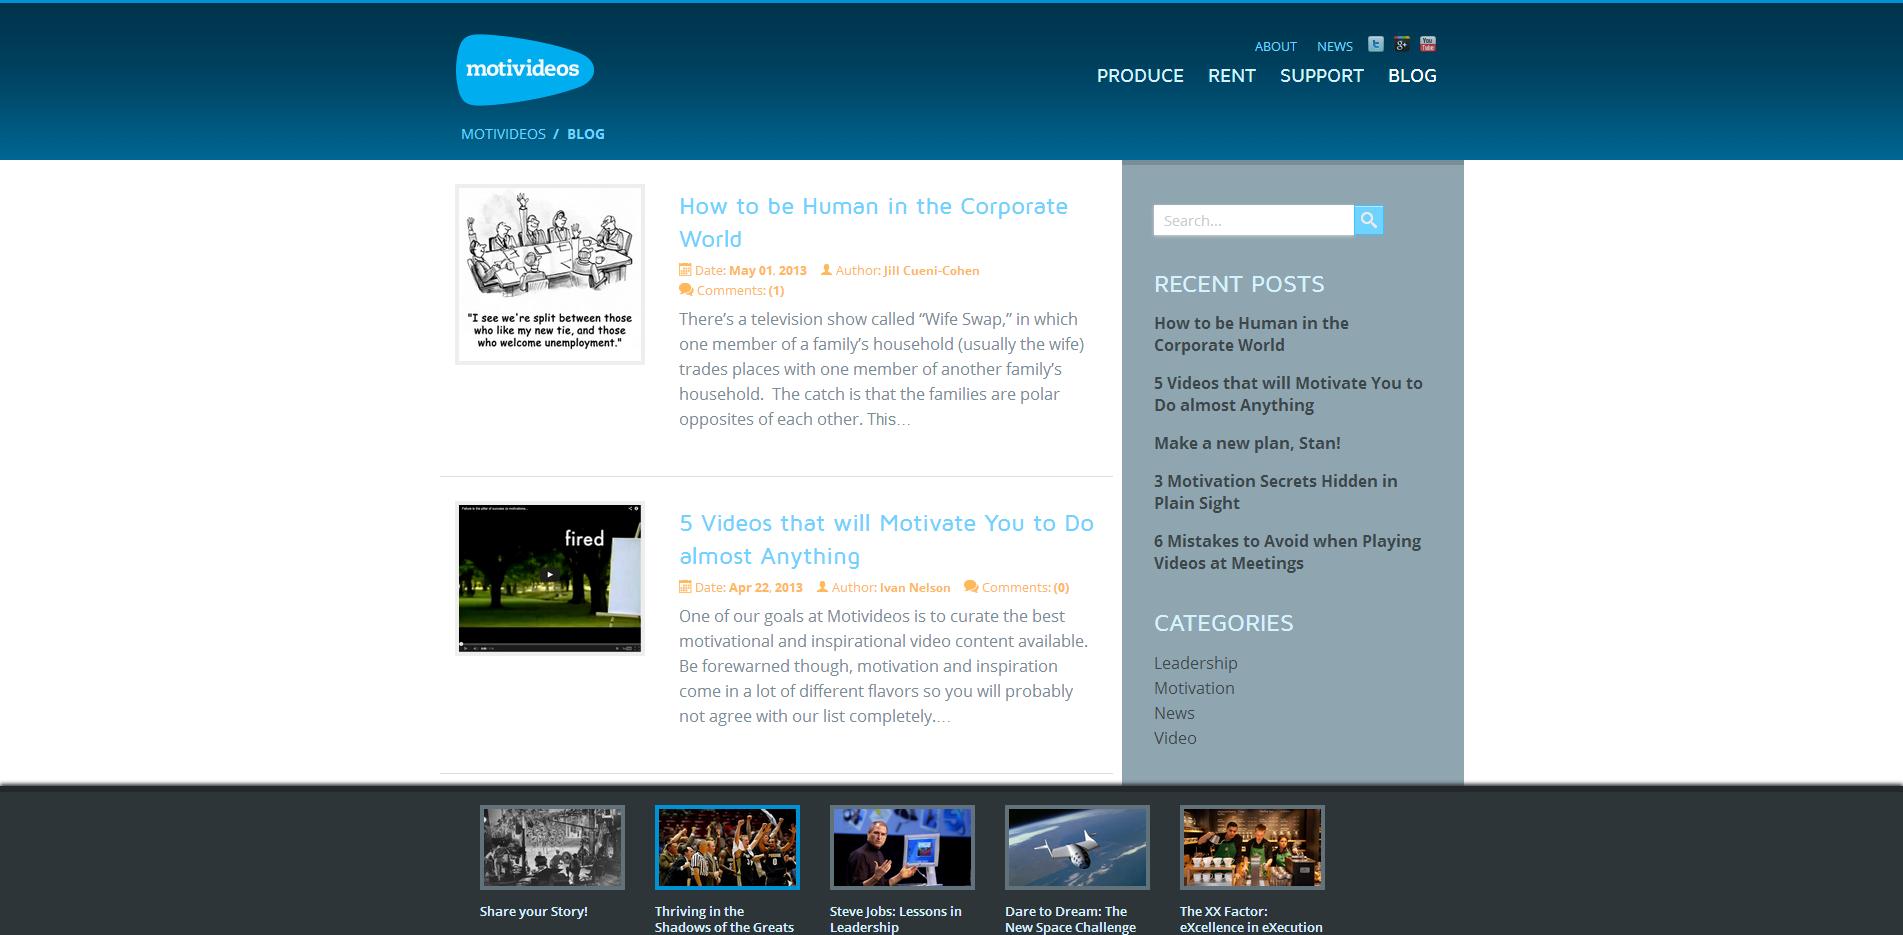 Motivideos Website Design Blog Page